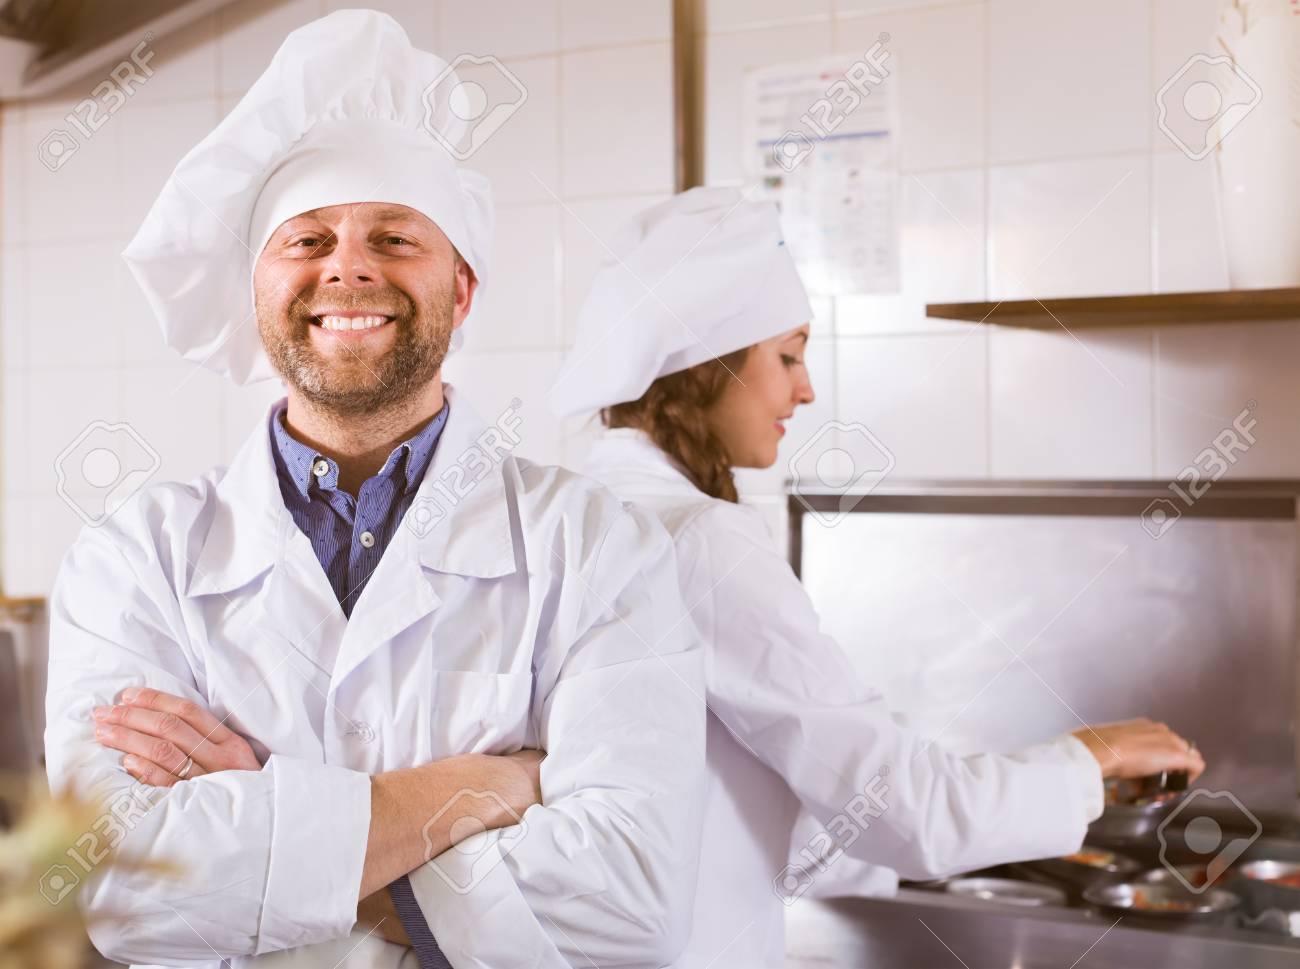 Immagini Stock - Ritratto Del Cuoco Unico Sorridente Positivo Con Il ...